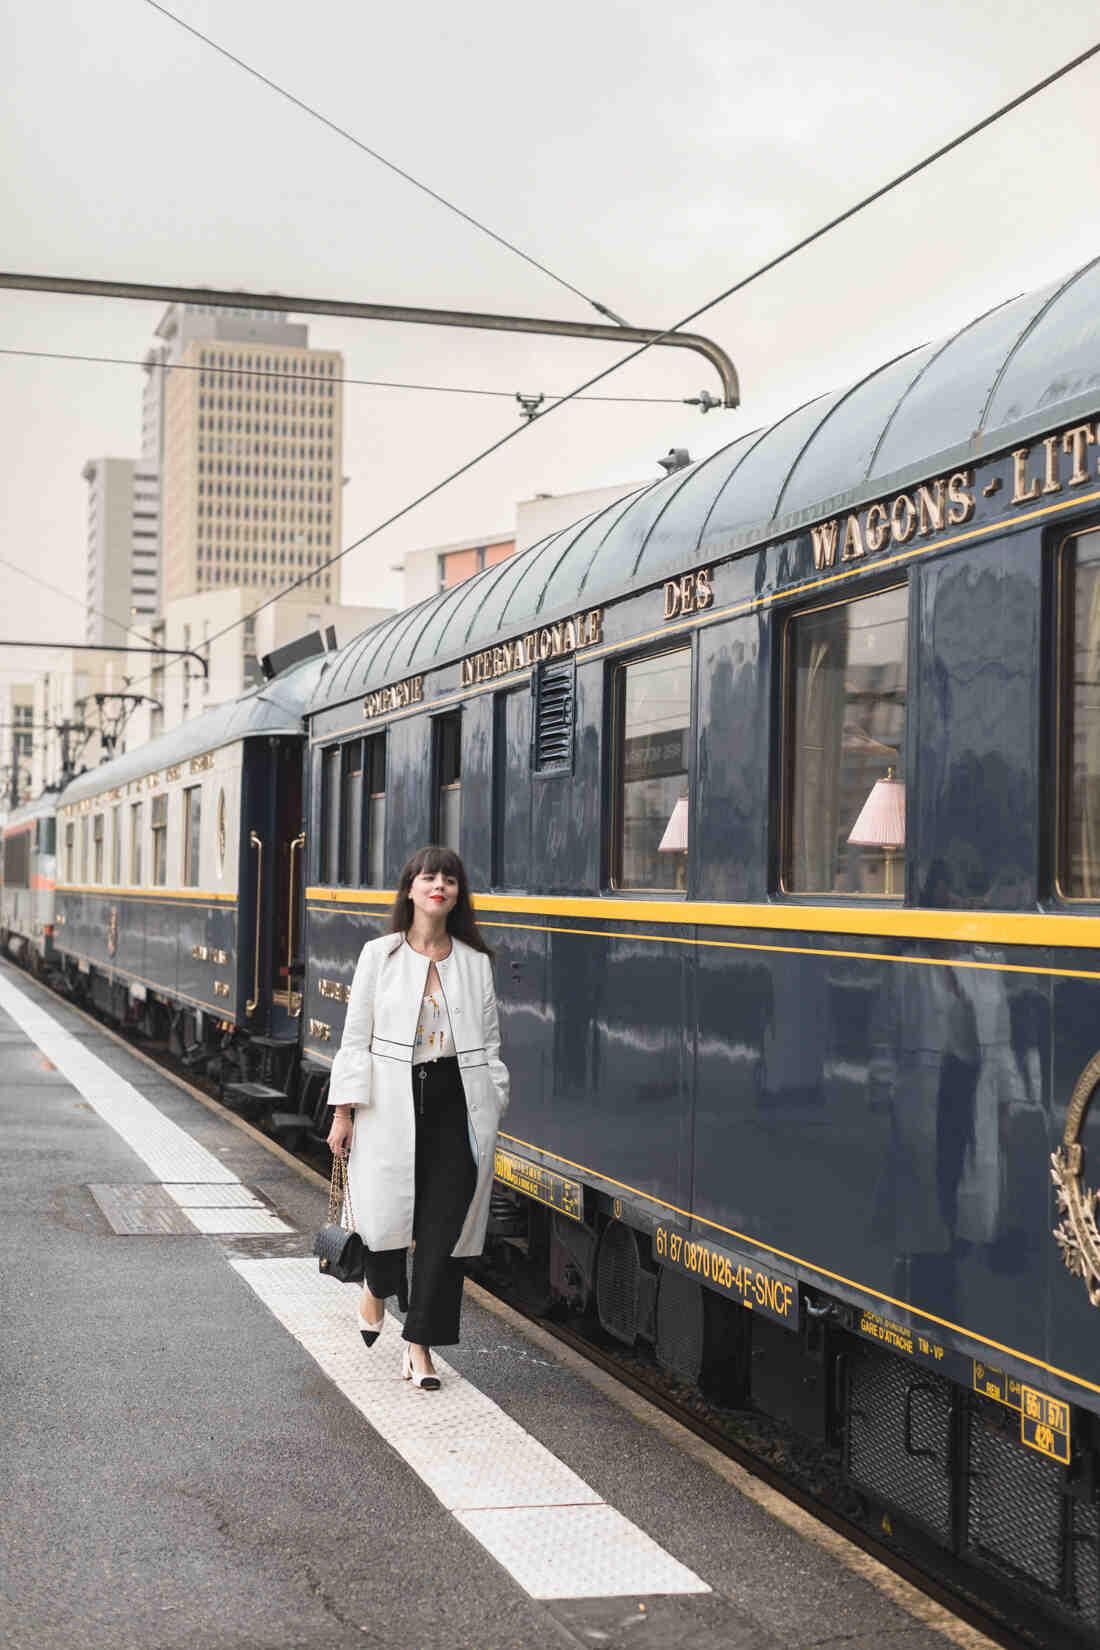 Quelle gare pour aller à Deauville?